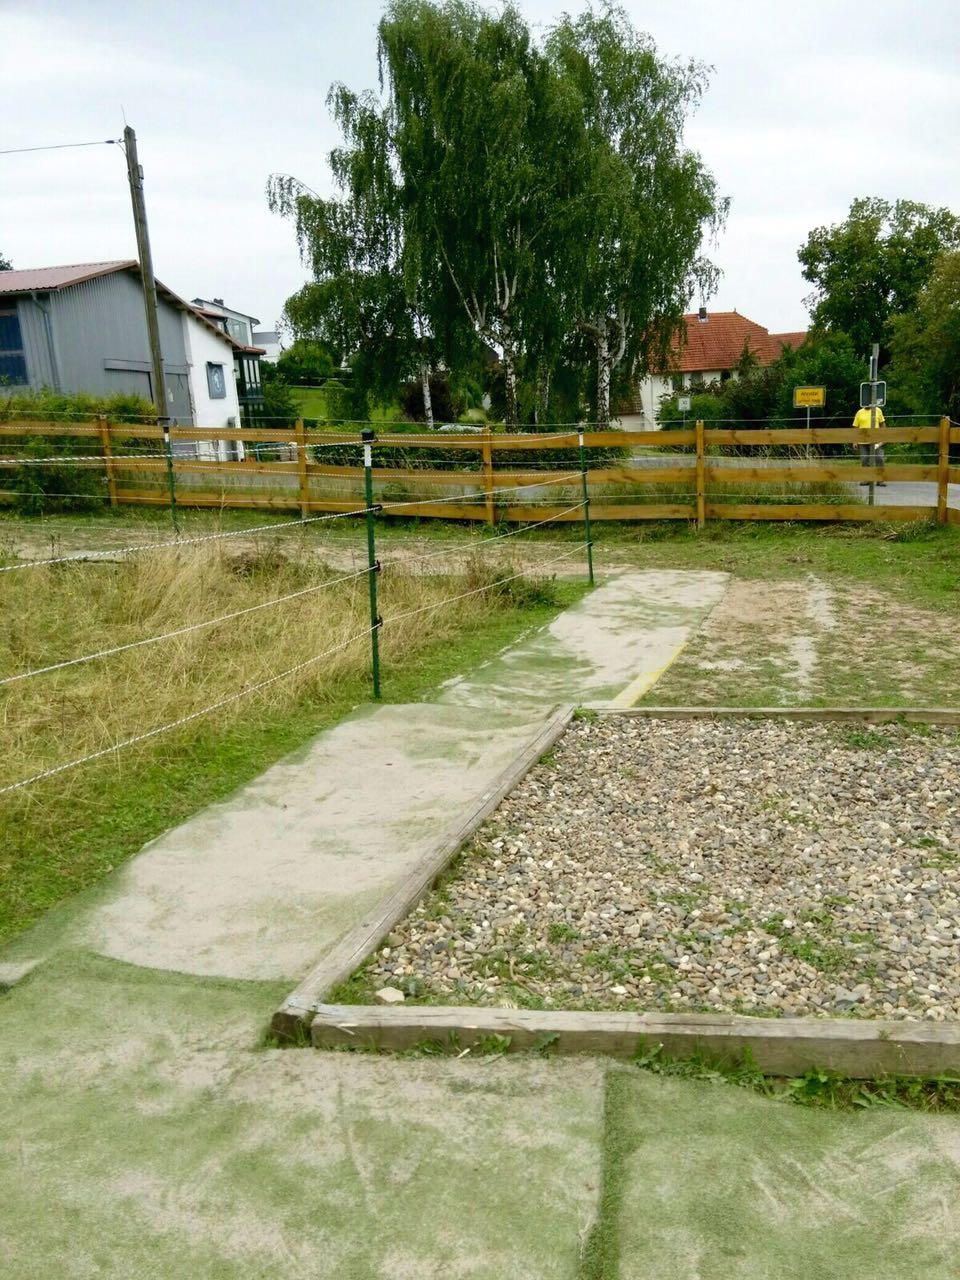 Zentrum für Pferdegesundheit - Paddocktrail: Kiesbett